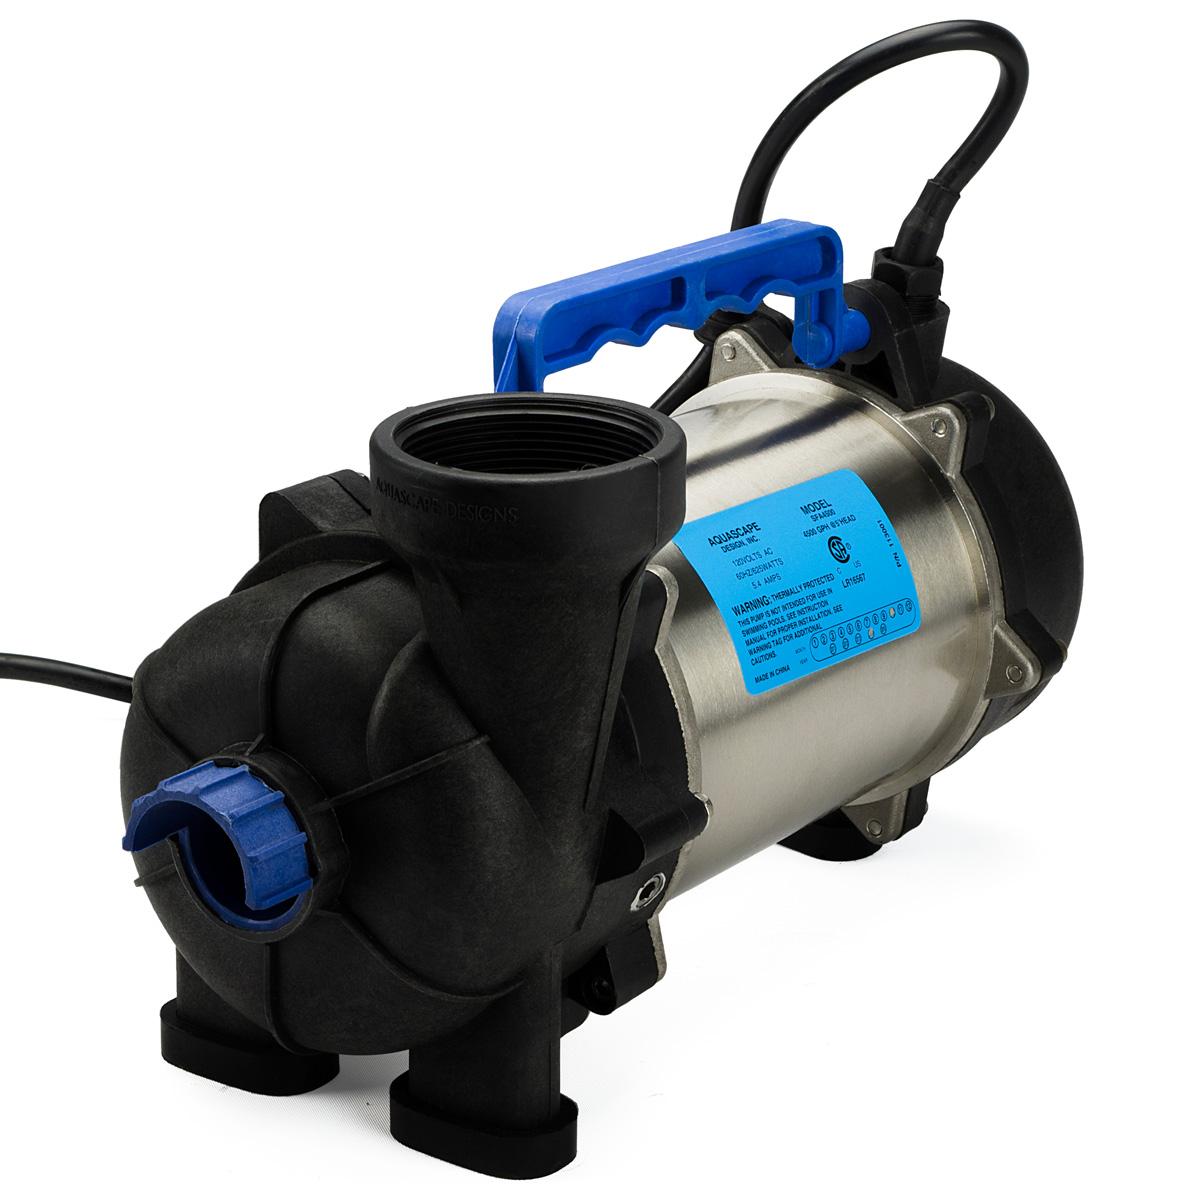 AquascapePRO™ 4500 Pump